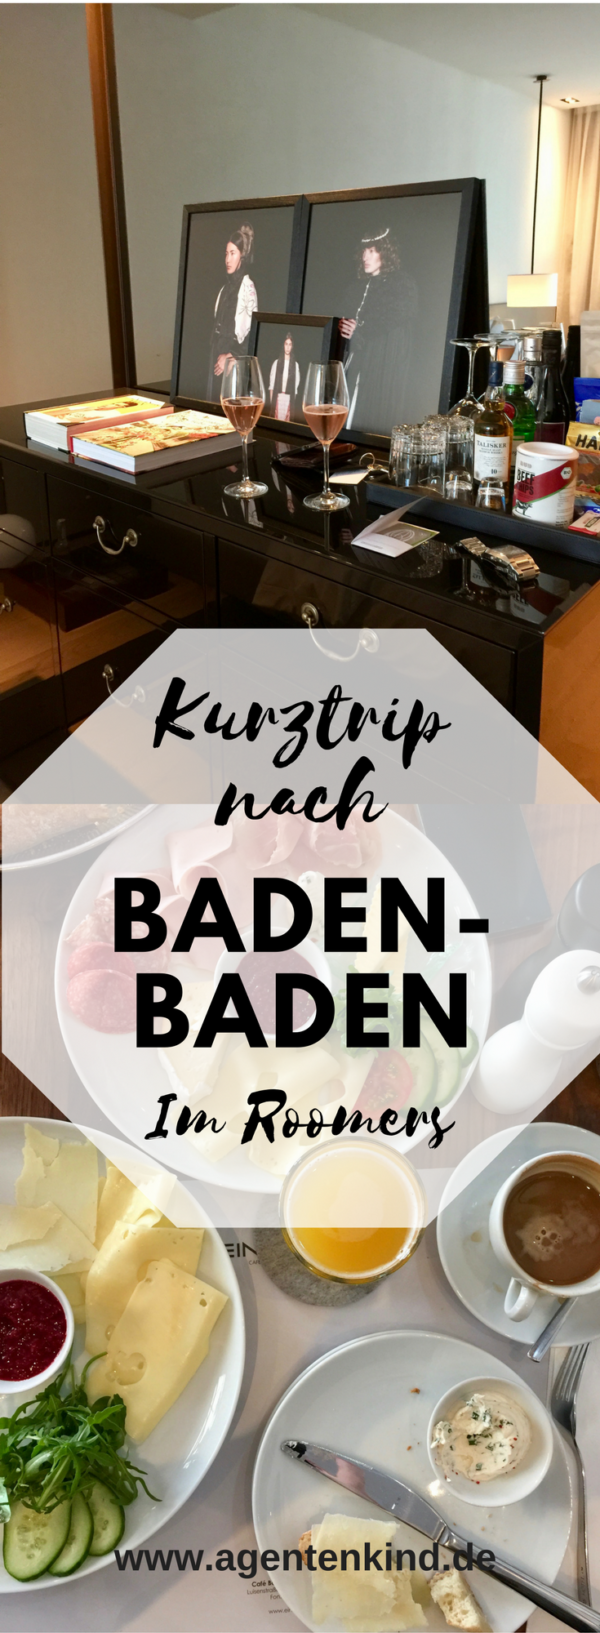 Kurztrip nach Baden-Baden mit Übernachtung im Roomers, ein Erfahrunsbericht mit Tipps zum Wandern, Essen und gut gehen lassen..